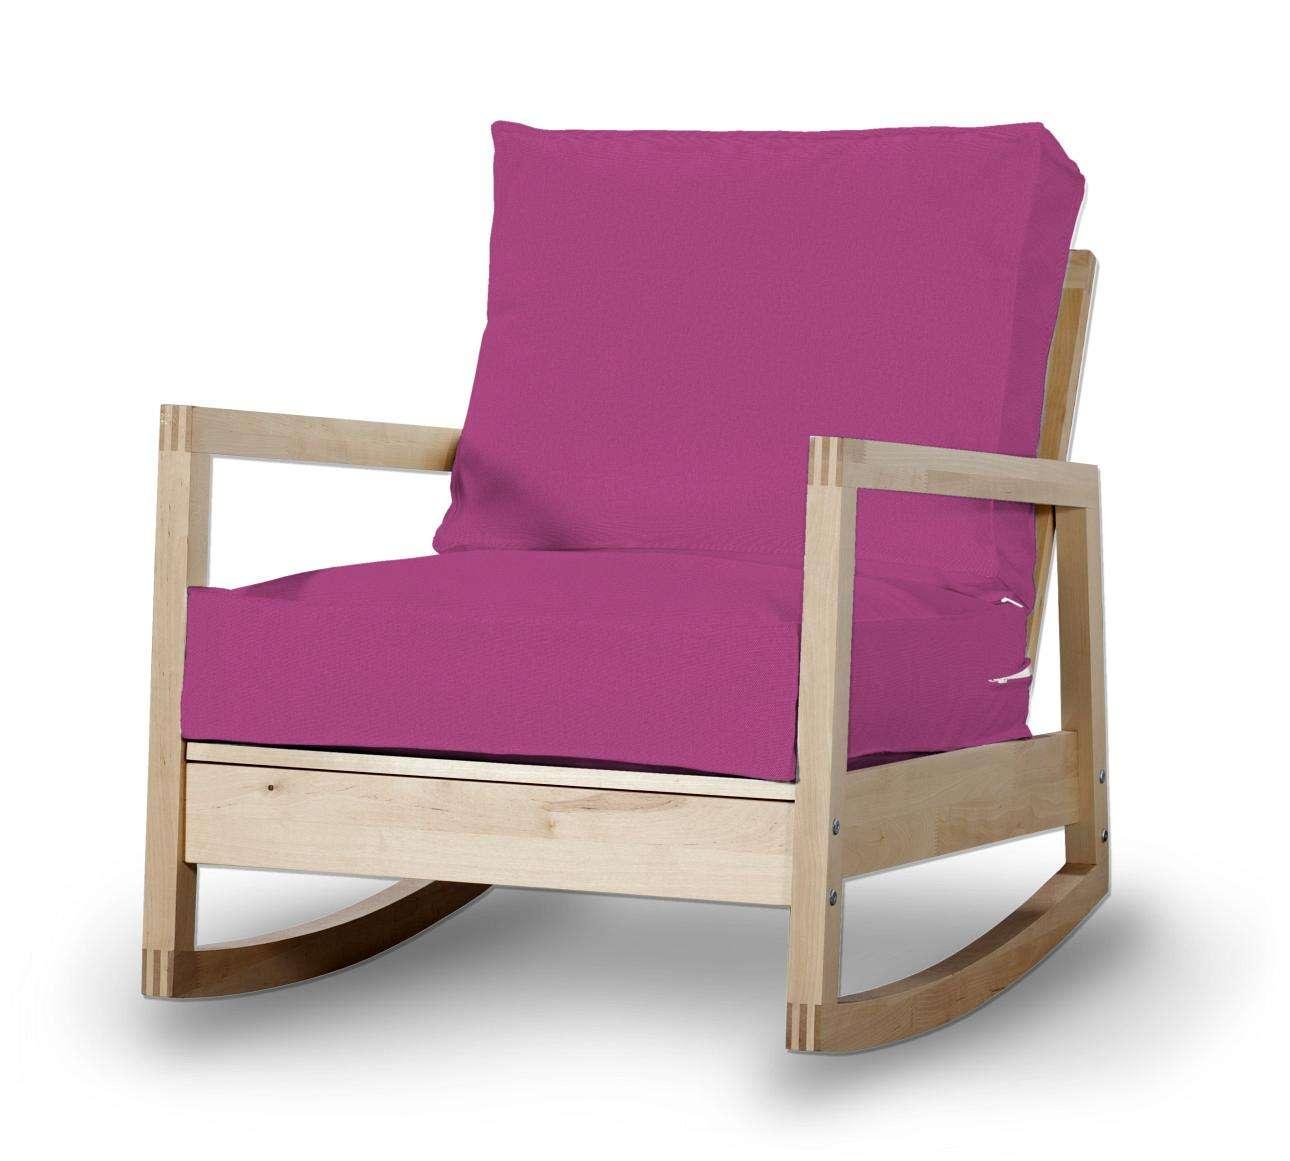 LILLBERG fotelio užvalkalas LILLBERG fotelio užvalkalas kolekcijoje Etna , audinys: 705-23